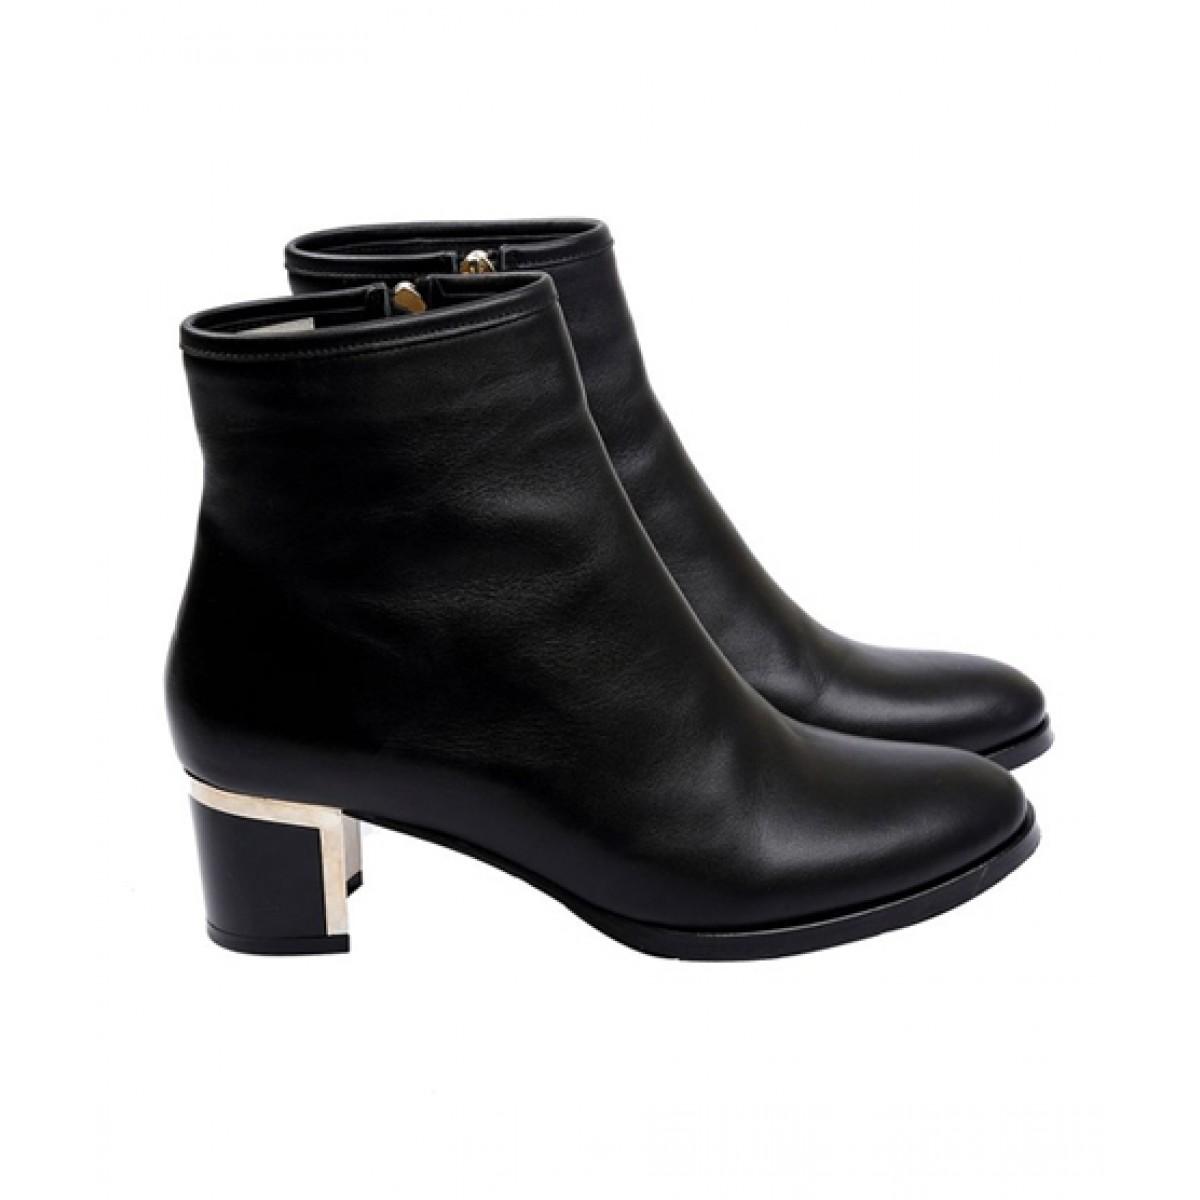 Julke 4EVA Boot For Women - Black